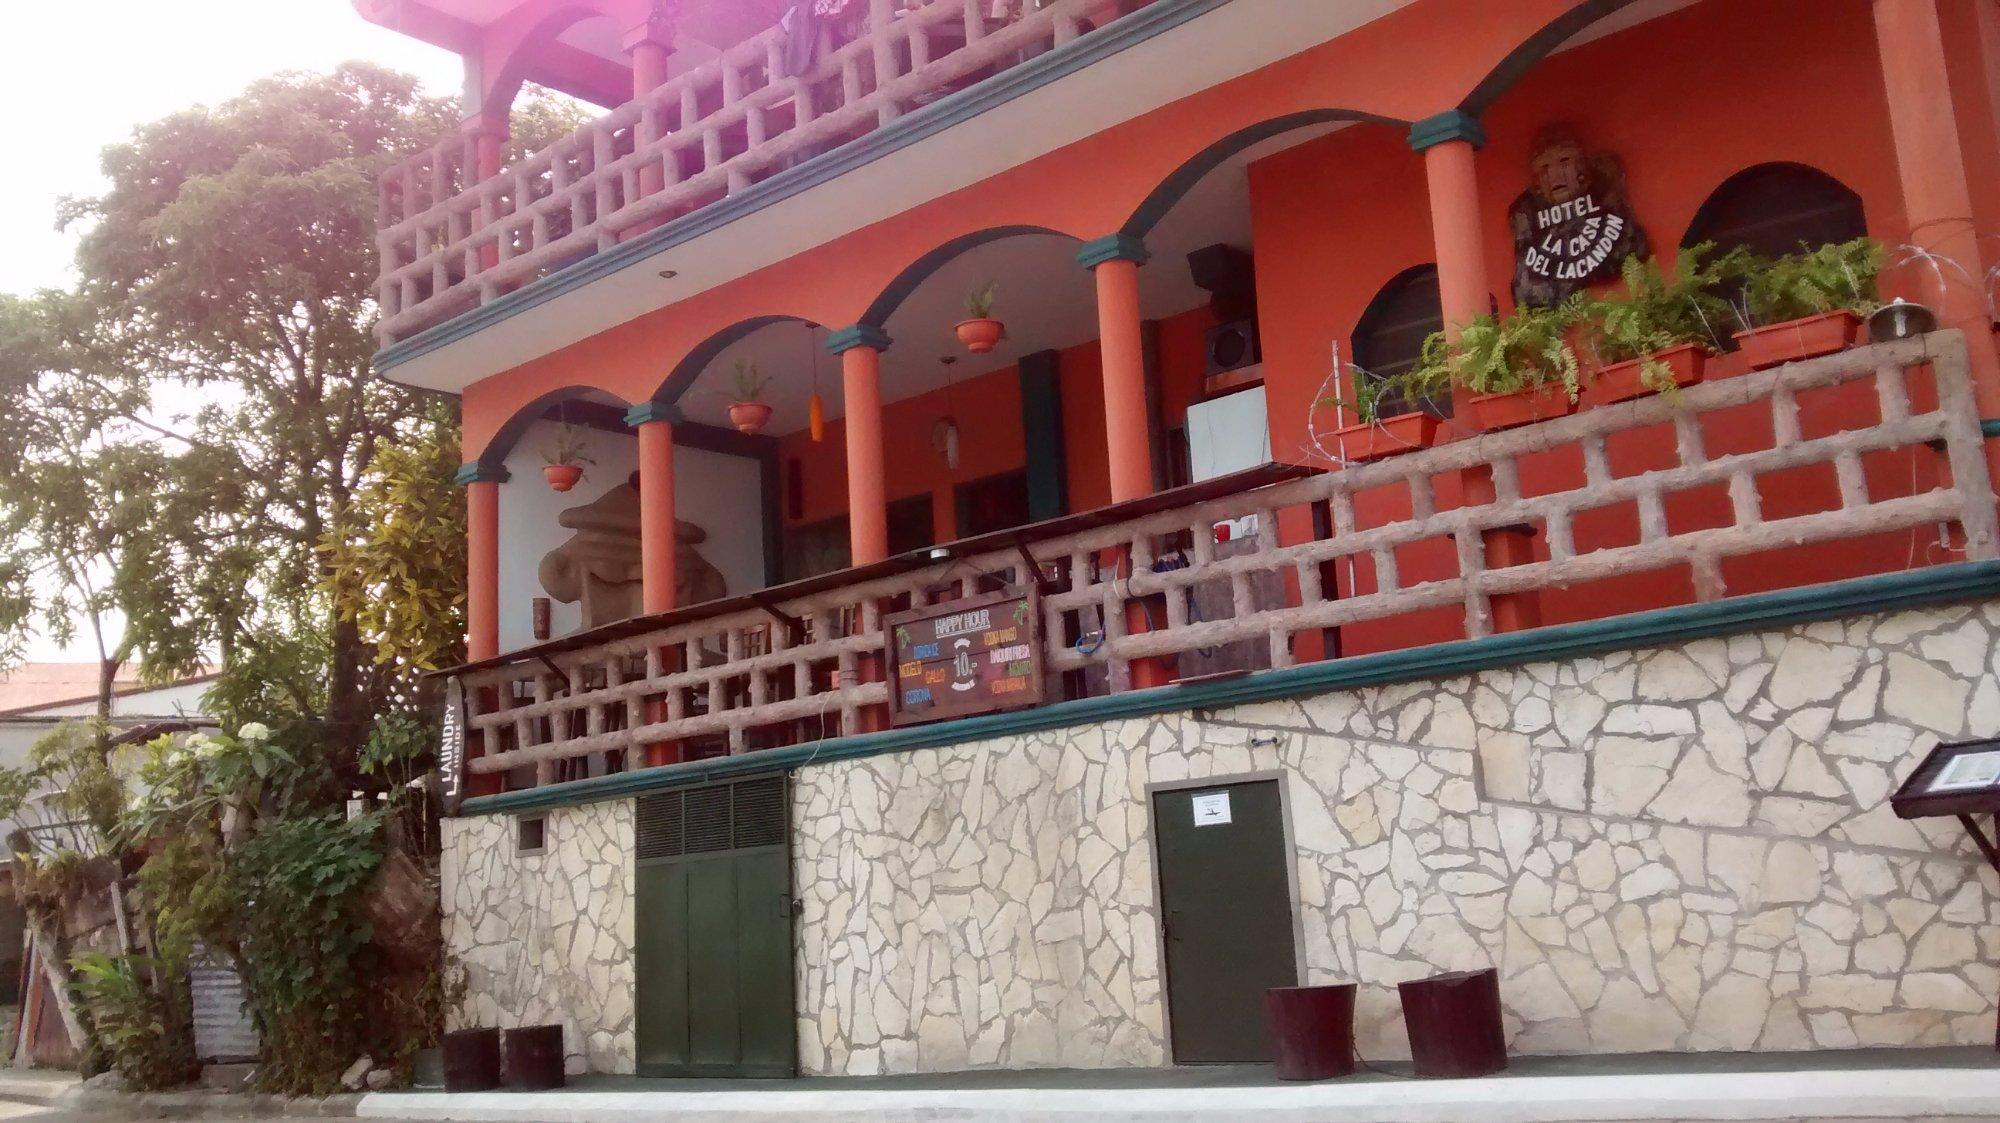 Hotel La Casa Del Lacandon